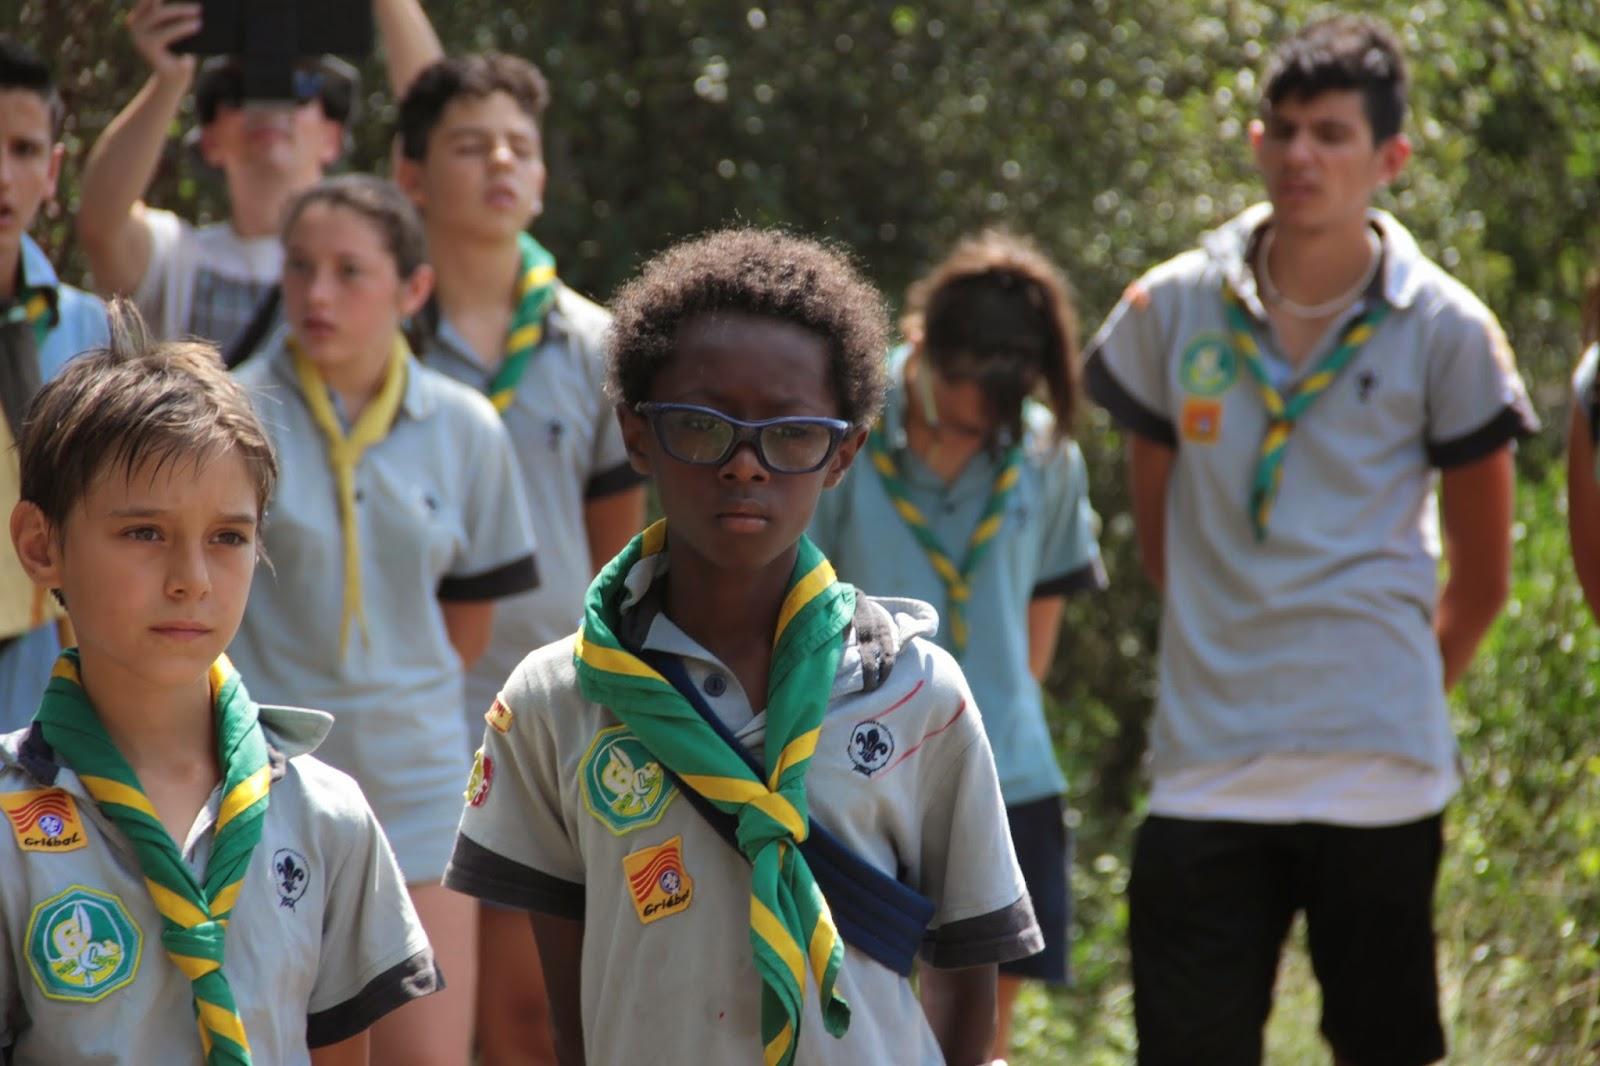 Campaments Estiu Cabanelles 2014 - IMG_1690.JPG